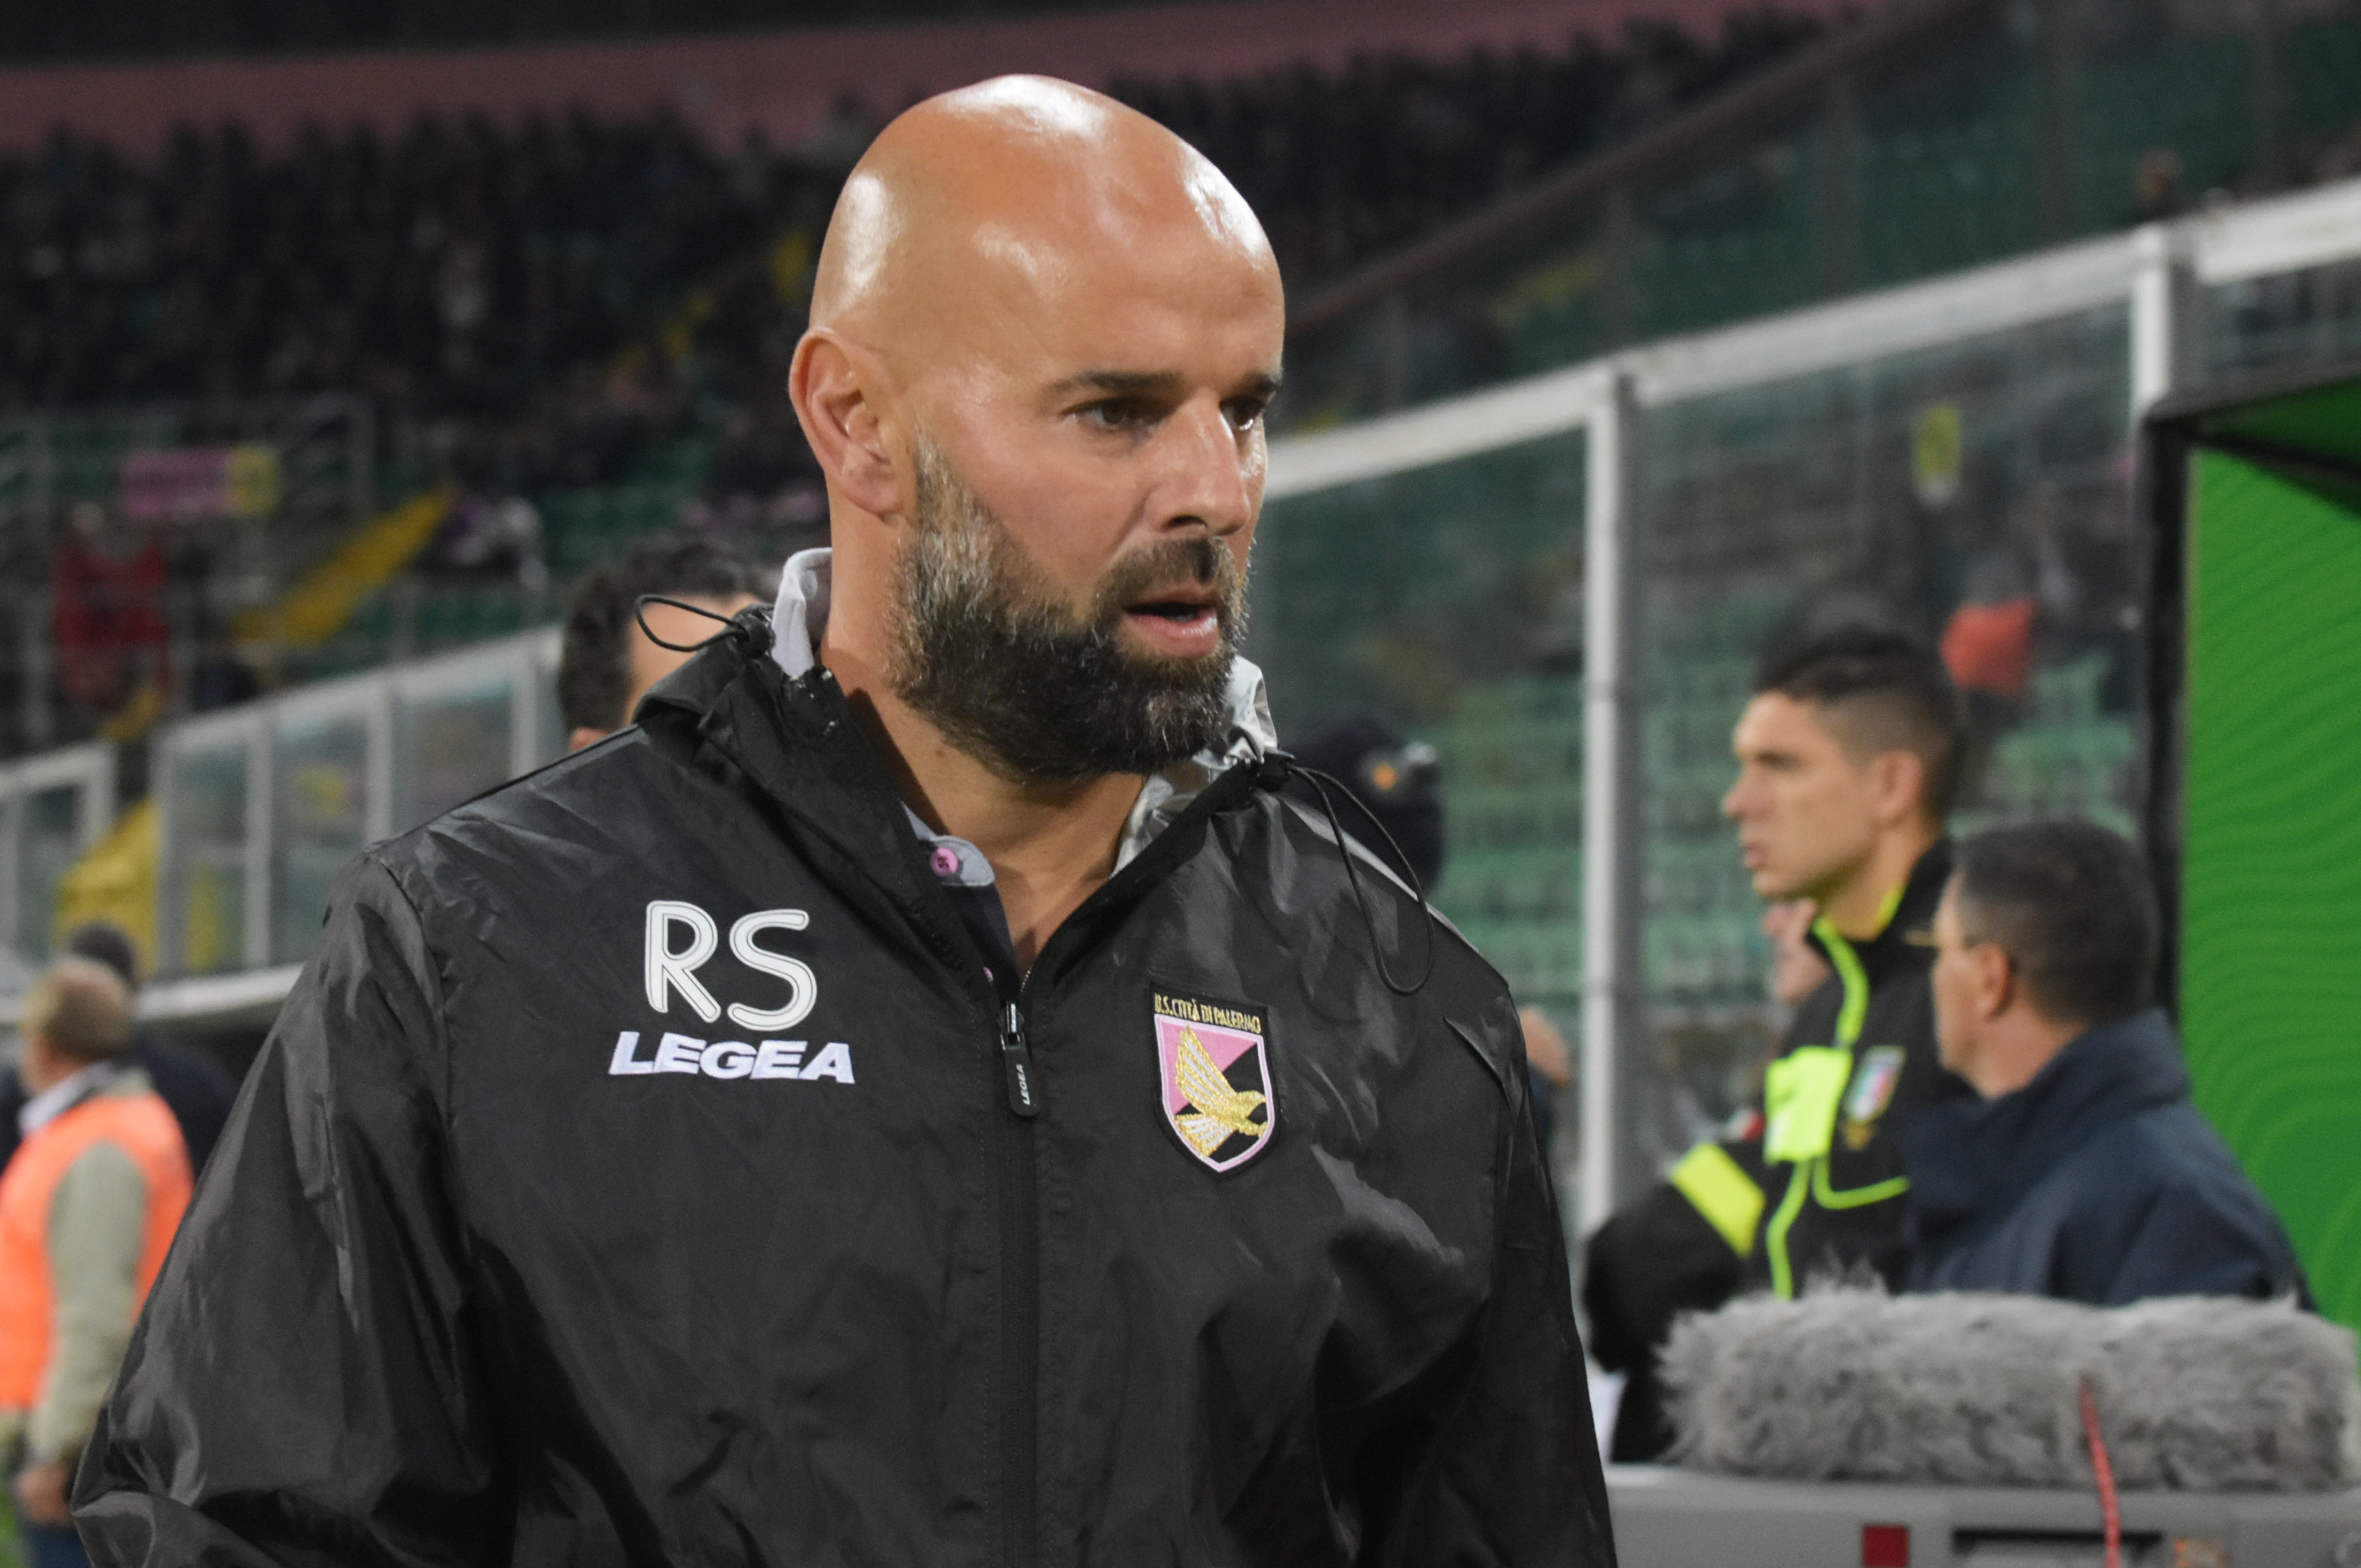 """Il Palermo si appresta a tornare in campo. Dopo la settimana di sosta, i rosanero, nell'anticipo di venerdì sera alle ore 21.00, sfideranno l'Hellas Verona al """"Bentegodi"""". Una sfida importante per confermare le buone sensazioni avute nelle ultime settimane con Roberto Stellone che ha portato i rosa al primo posto con 5 vittorie e 1 pareggio in 6 gare. Dopo aver alternato il 3-4-1-2 e il 4-3-1-2 nelle prime partite, Stellone è tornato al """"suo"""" 4-4-2 contro il Pescara, con una formazione molto offensiva che lo ha premiato, dato il largo risultato finale. E adesso? Quale modulo? Quale formazione? Gli"""